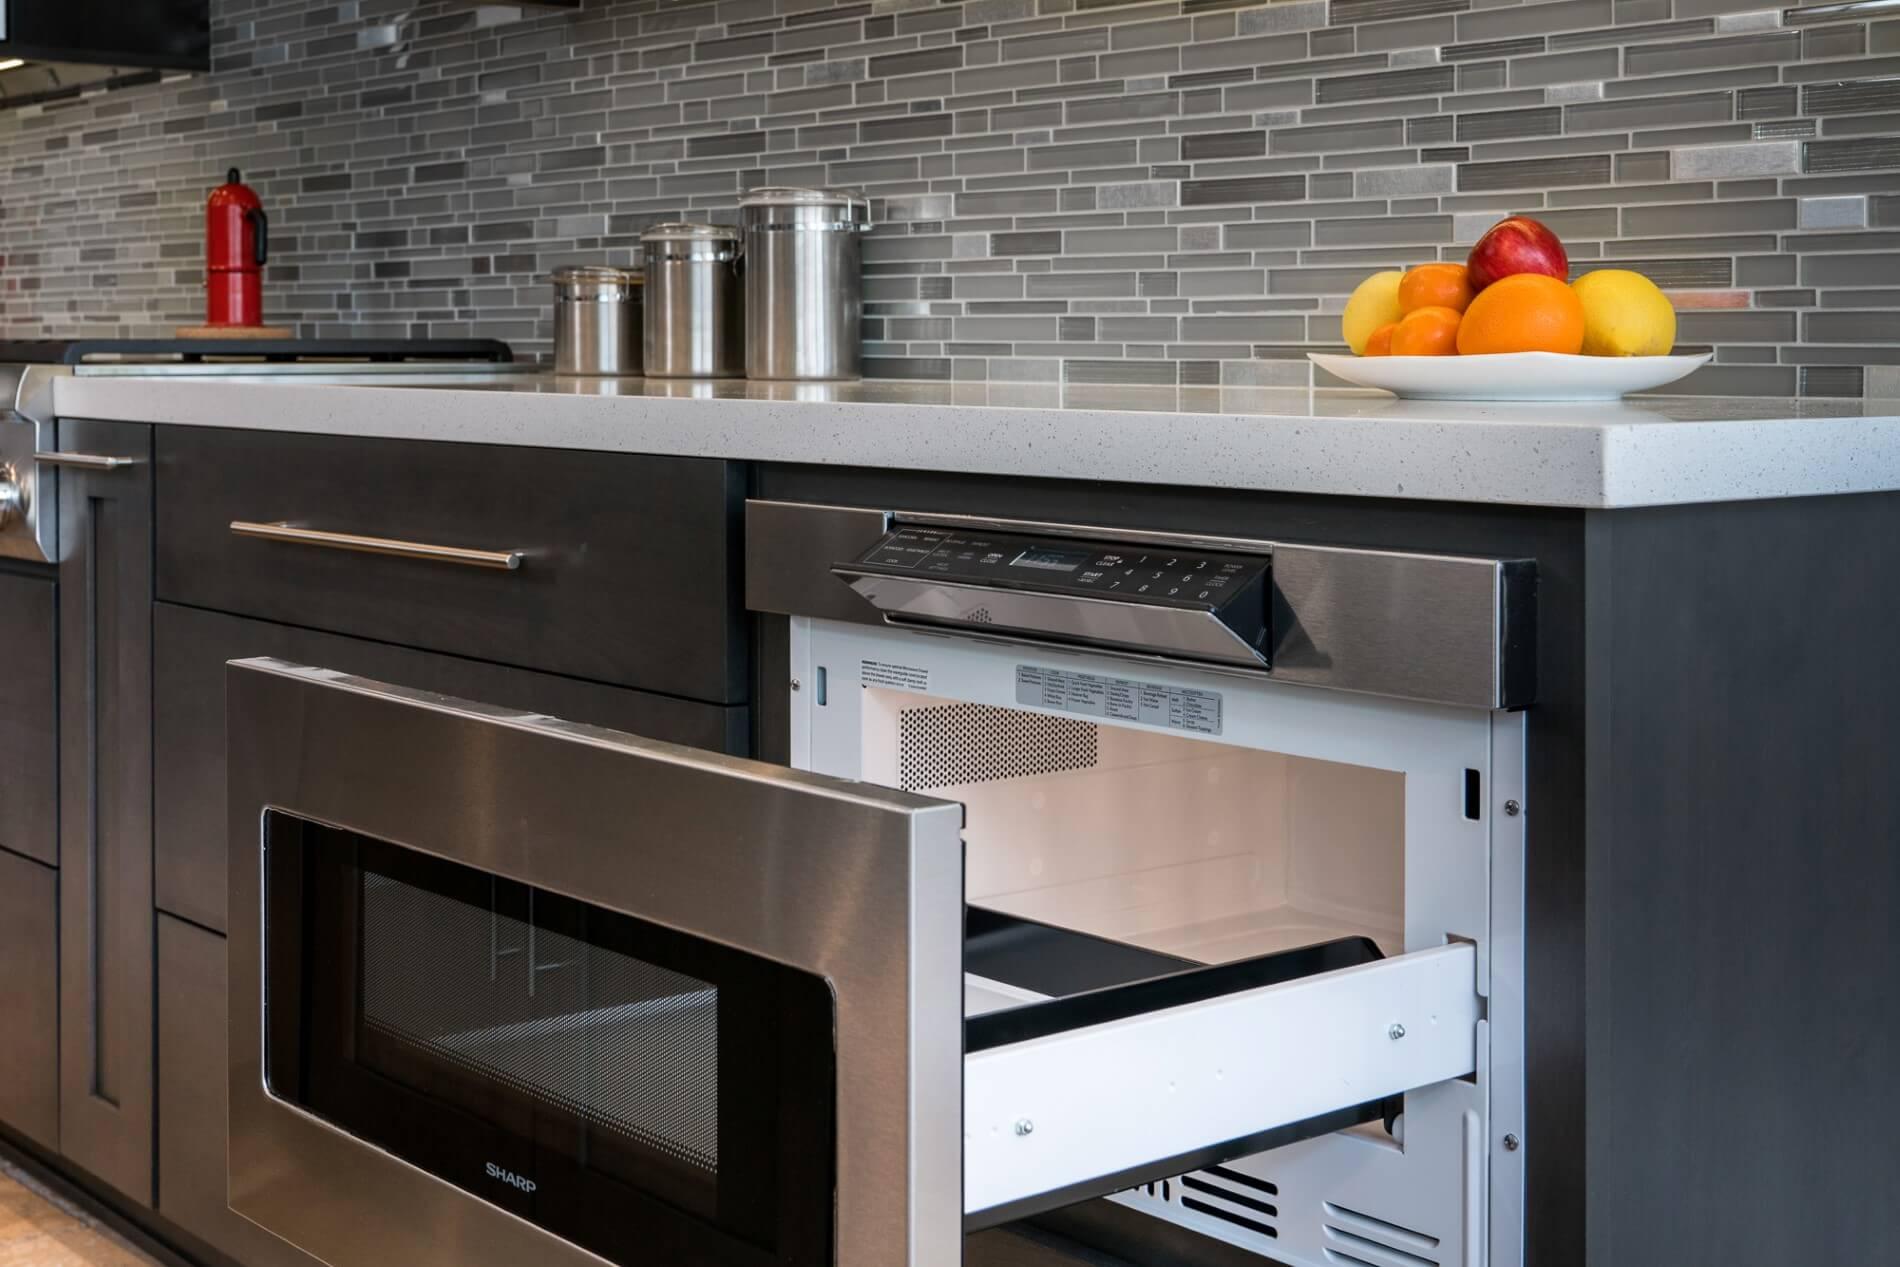 Microwave Drawer, Luxury Kitchen Remodel, Modern Kitchen Design